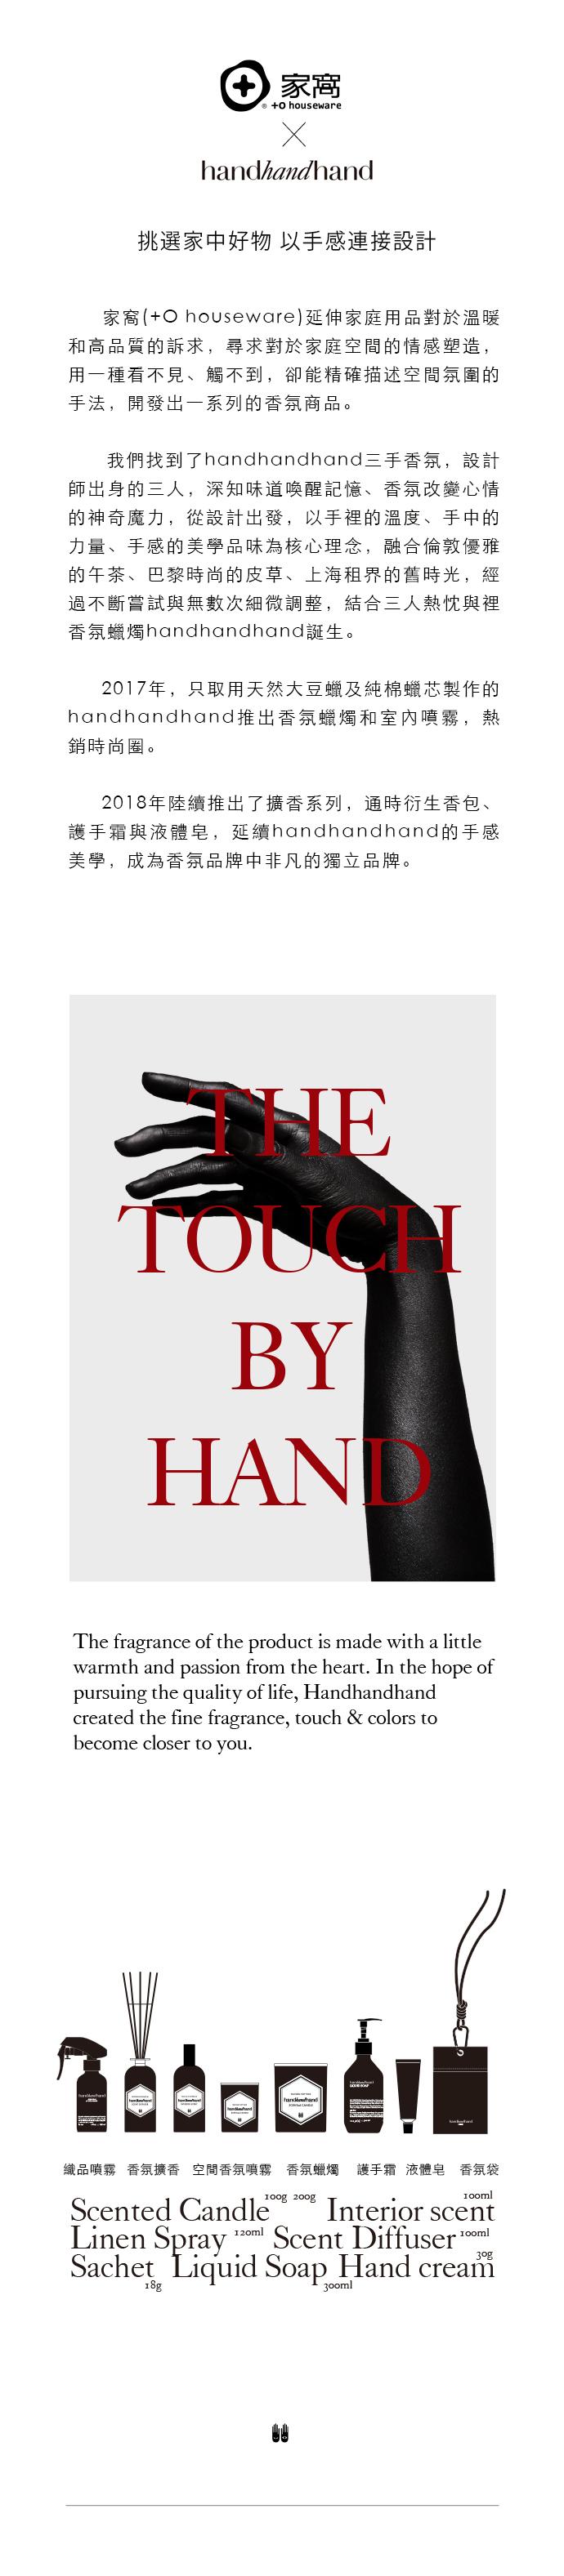 (複製)+O家窩 X handhandhand|家馨溢香氛袋(紅茶)2入